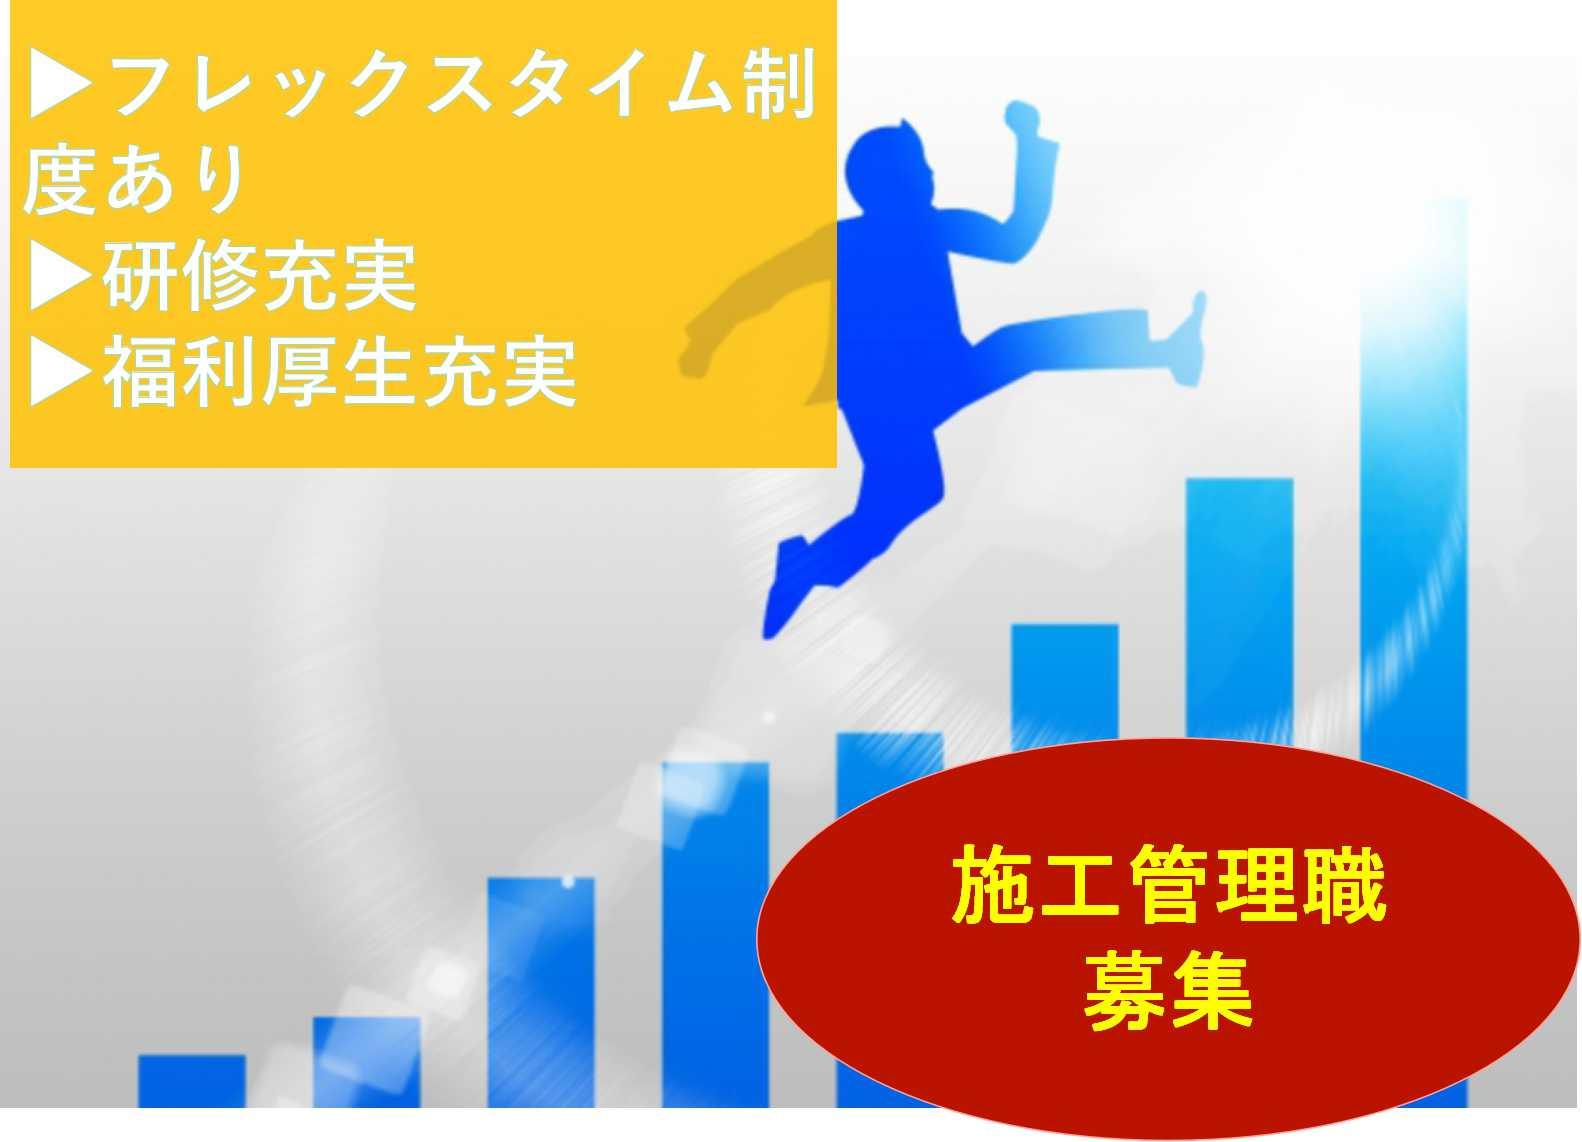 【新卒】フレックスタイム制度あり★研修制度充実!施工管理職【即面談可能】 イメージ